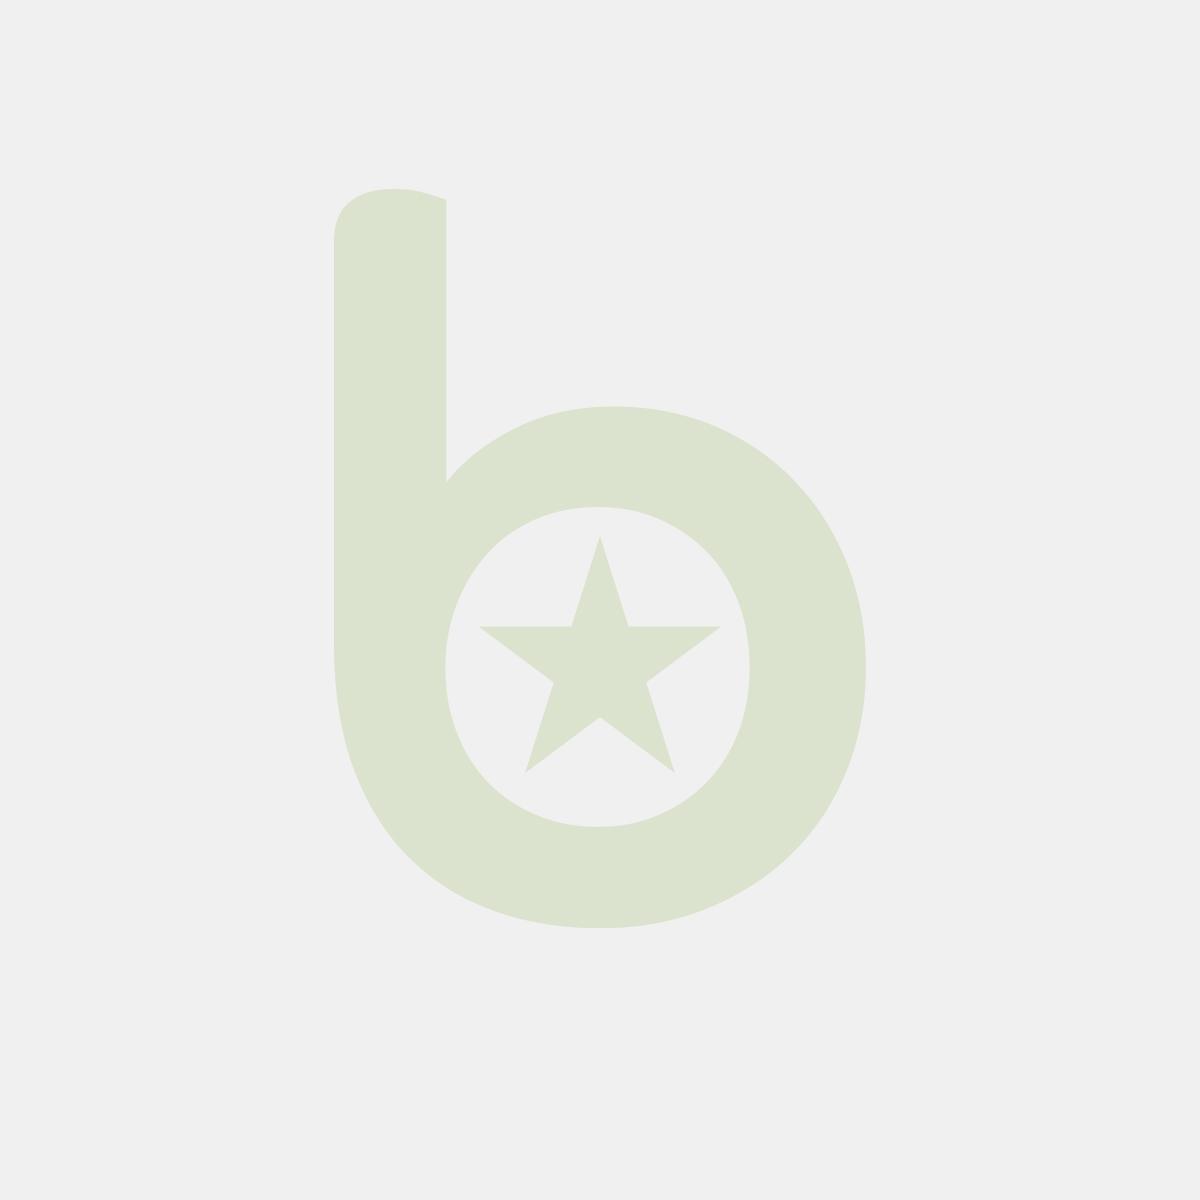 PAKOWARKA PRÓŻNIOWA SENSOR ULTRA SERIA 800 dł. listwy 581+581 mm